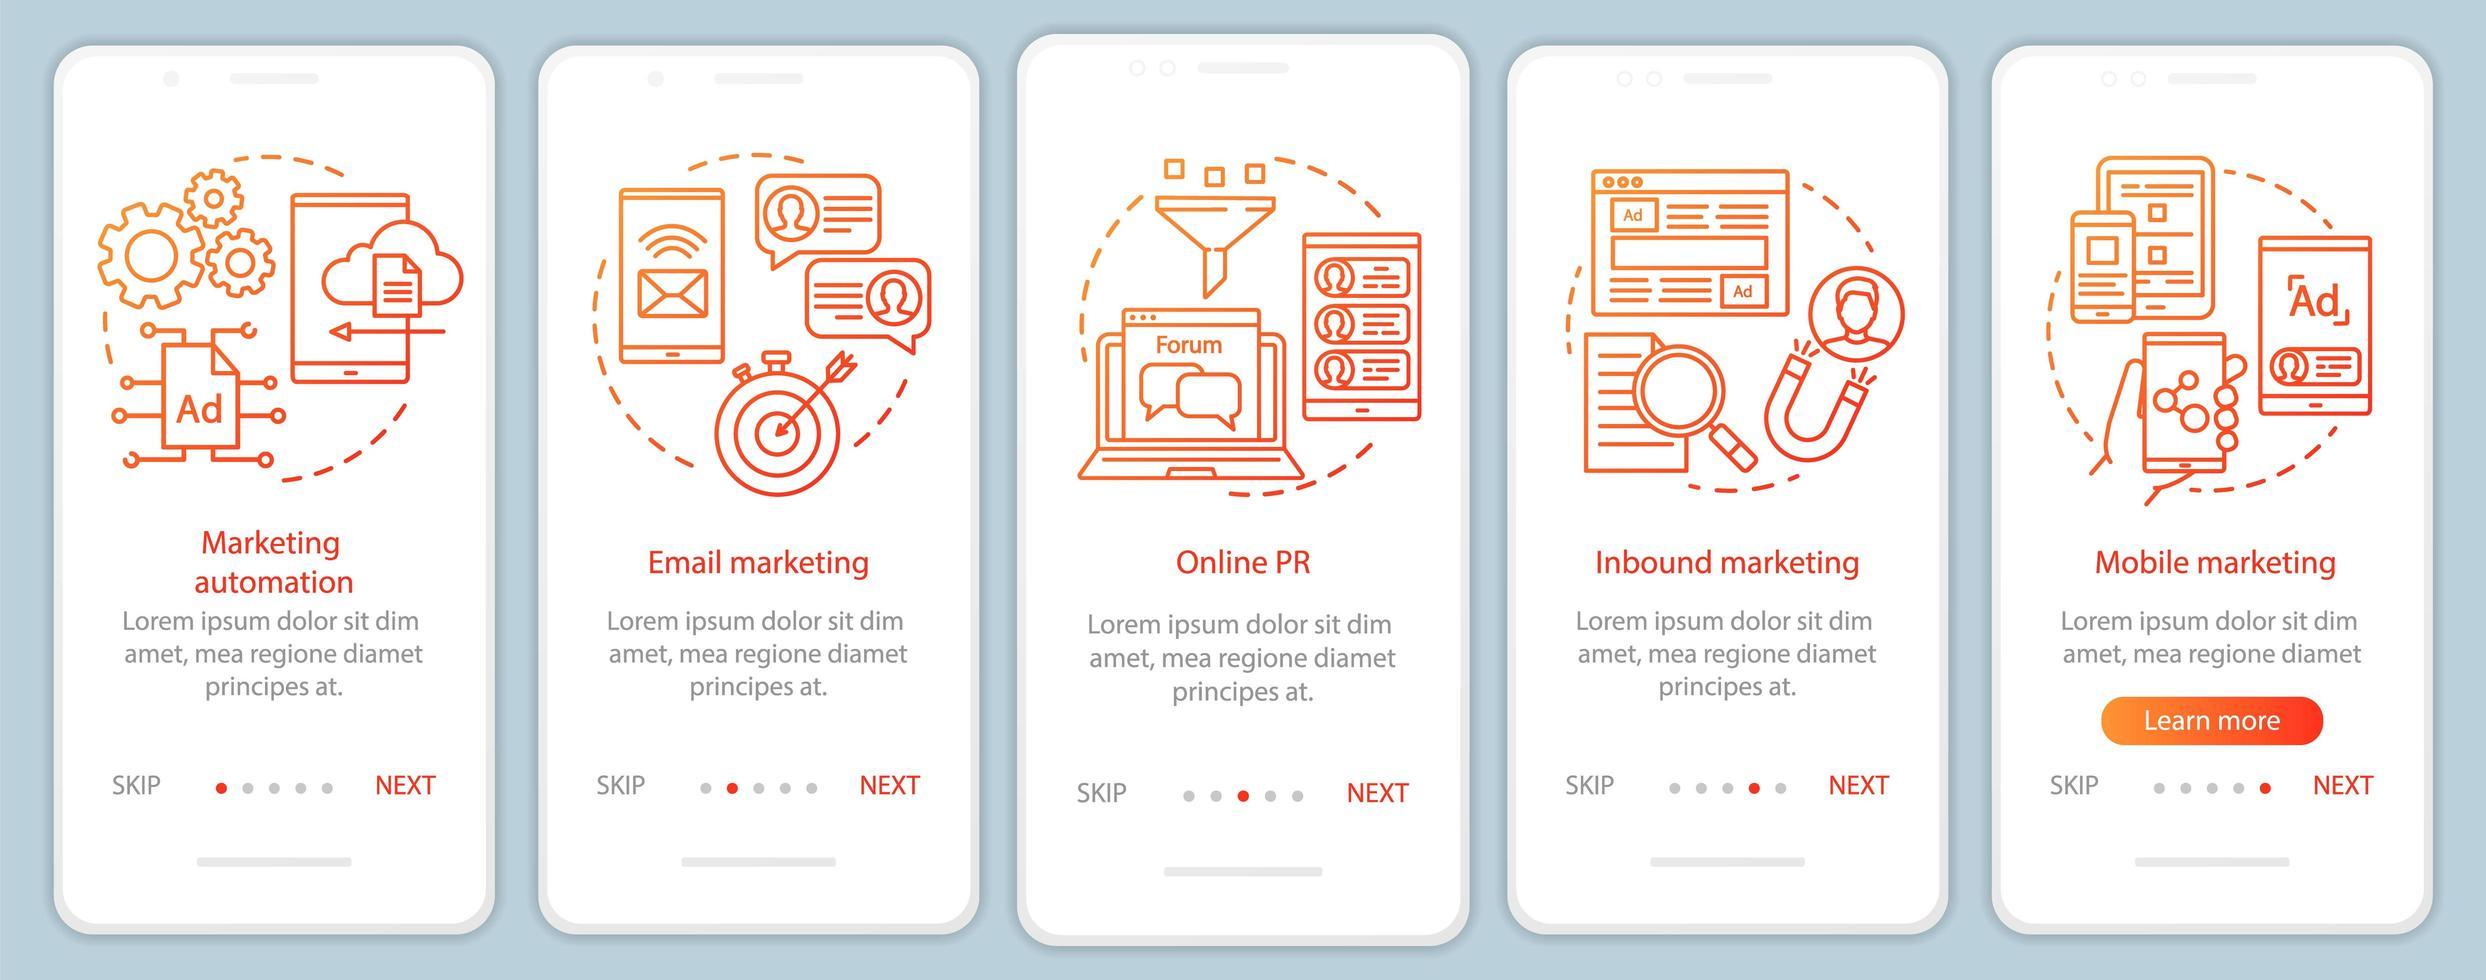 telas de integração de táticas de marketing digital laranja vetor